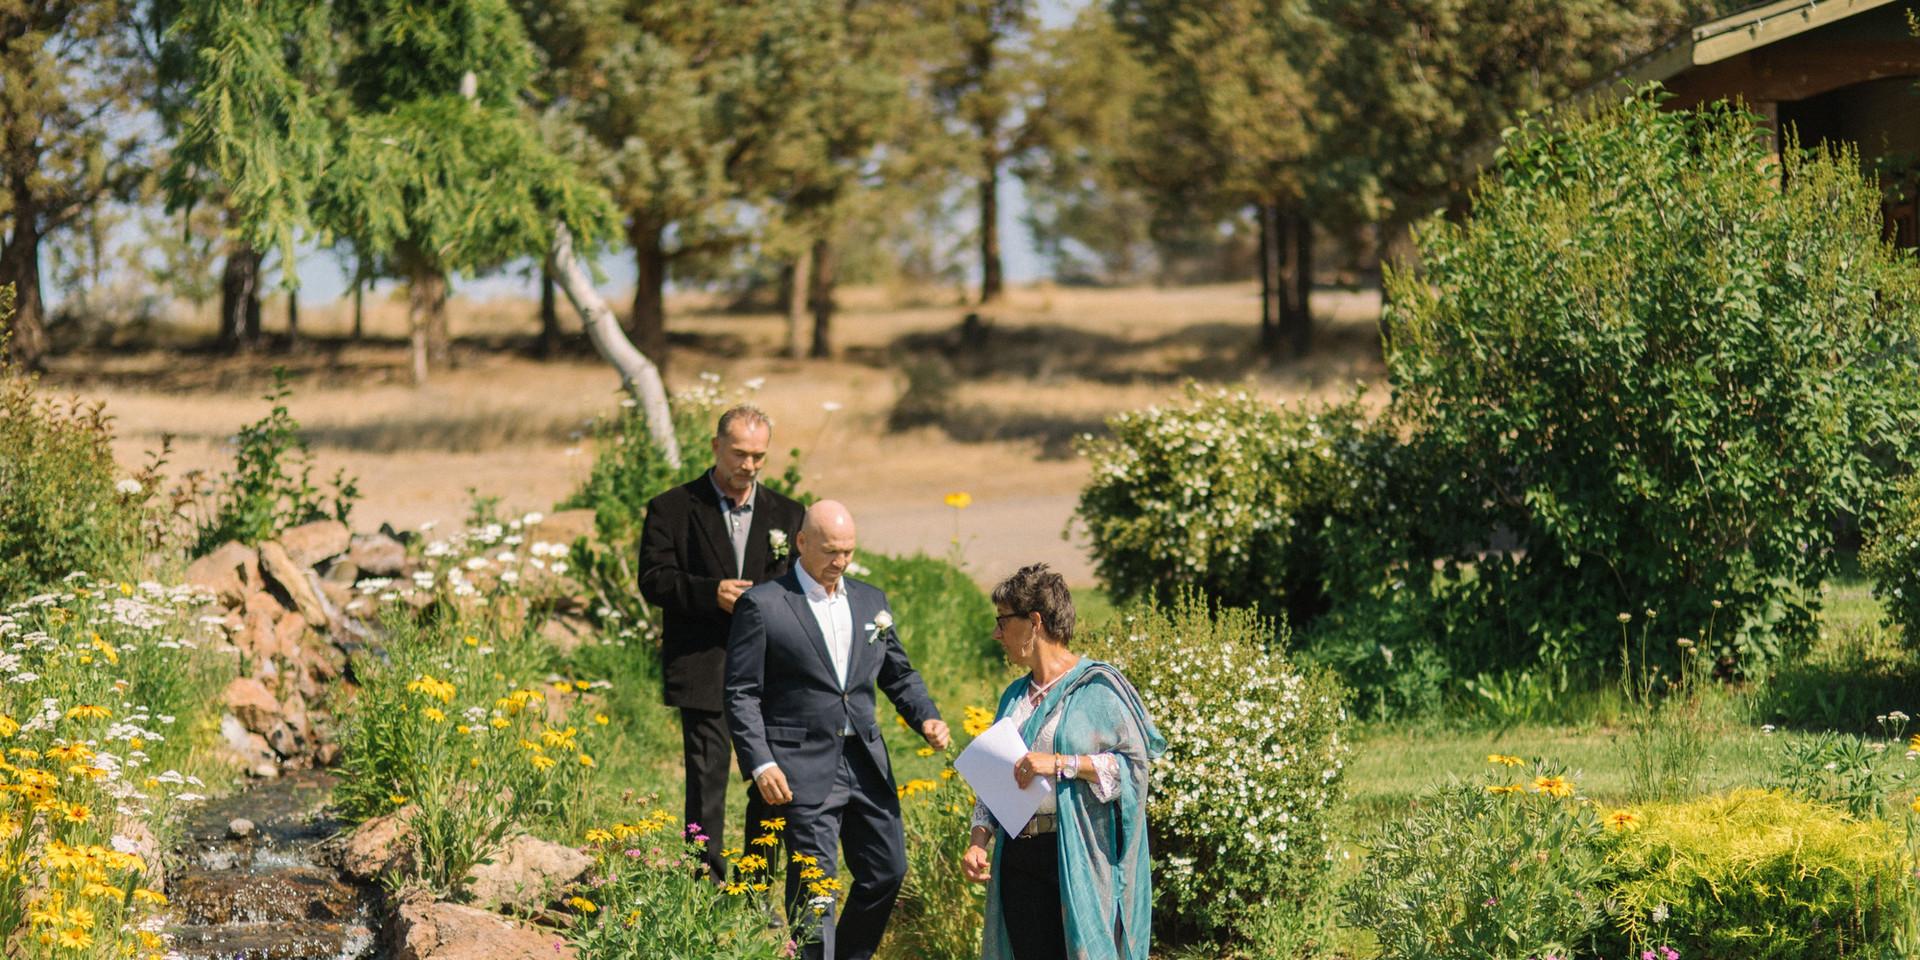 Wedding0170.jpg